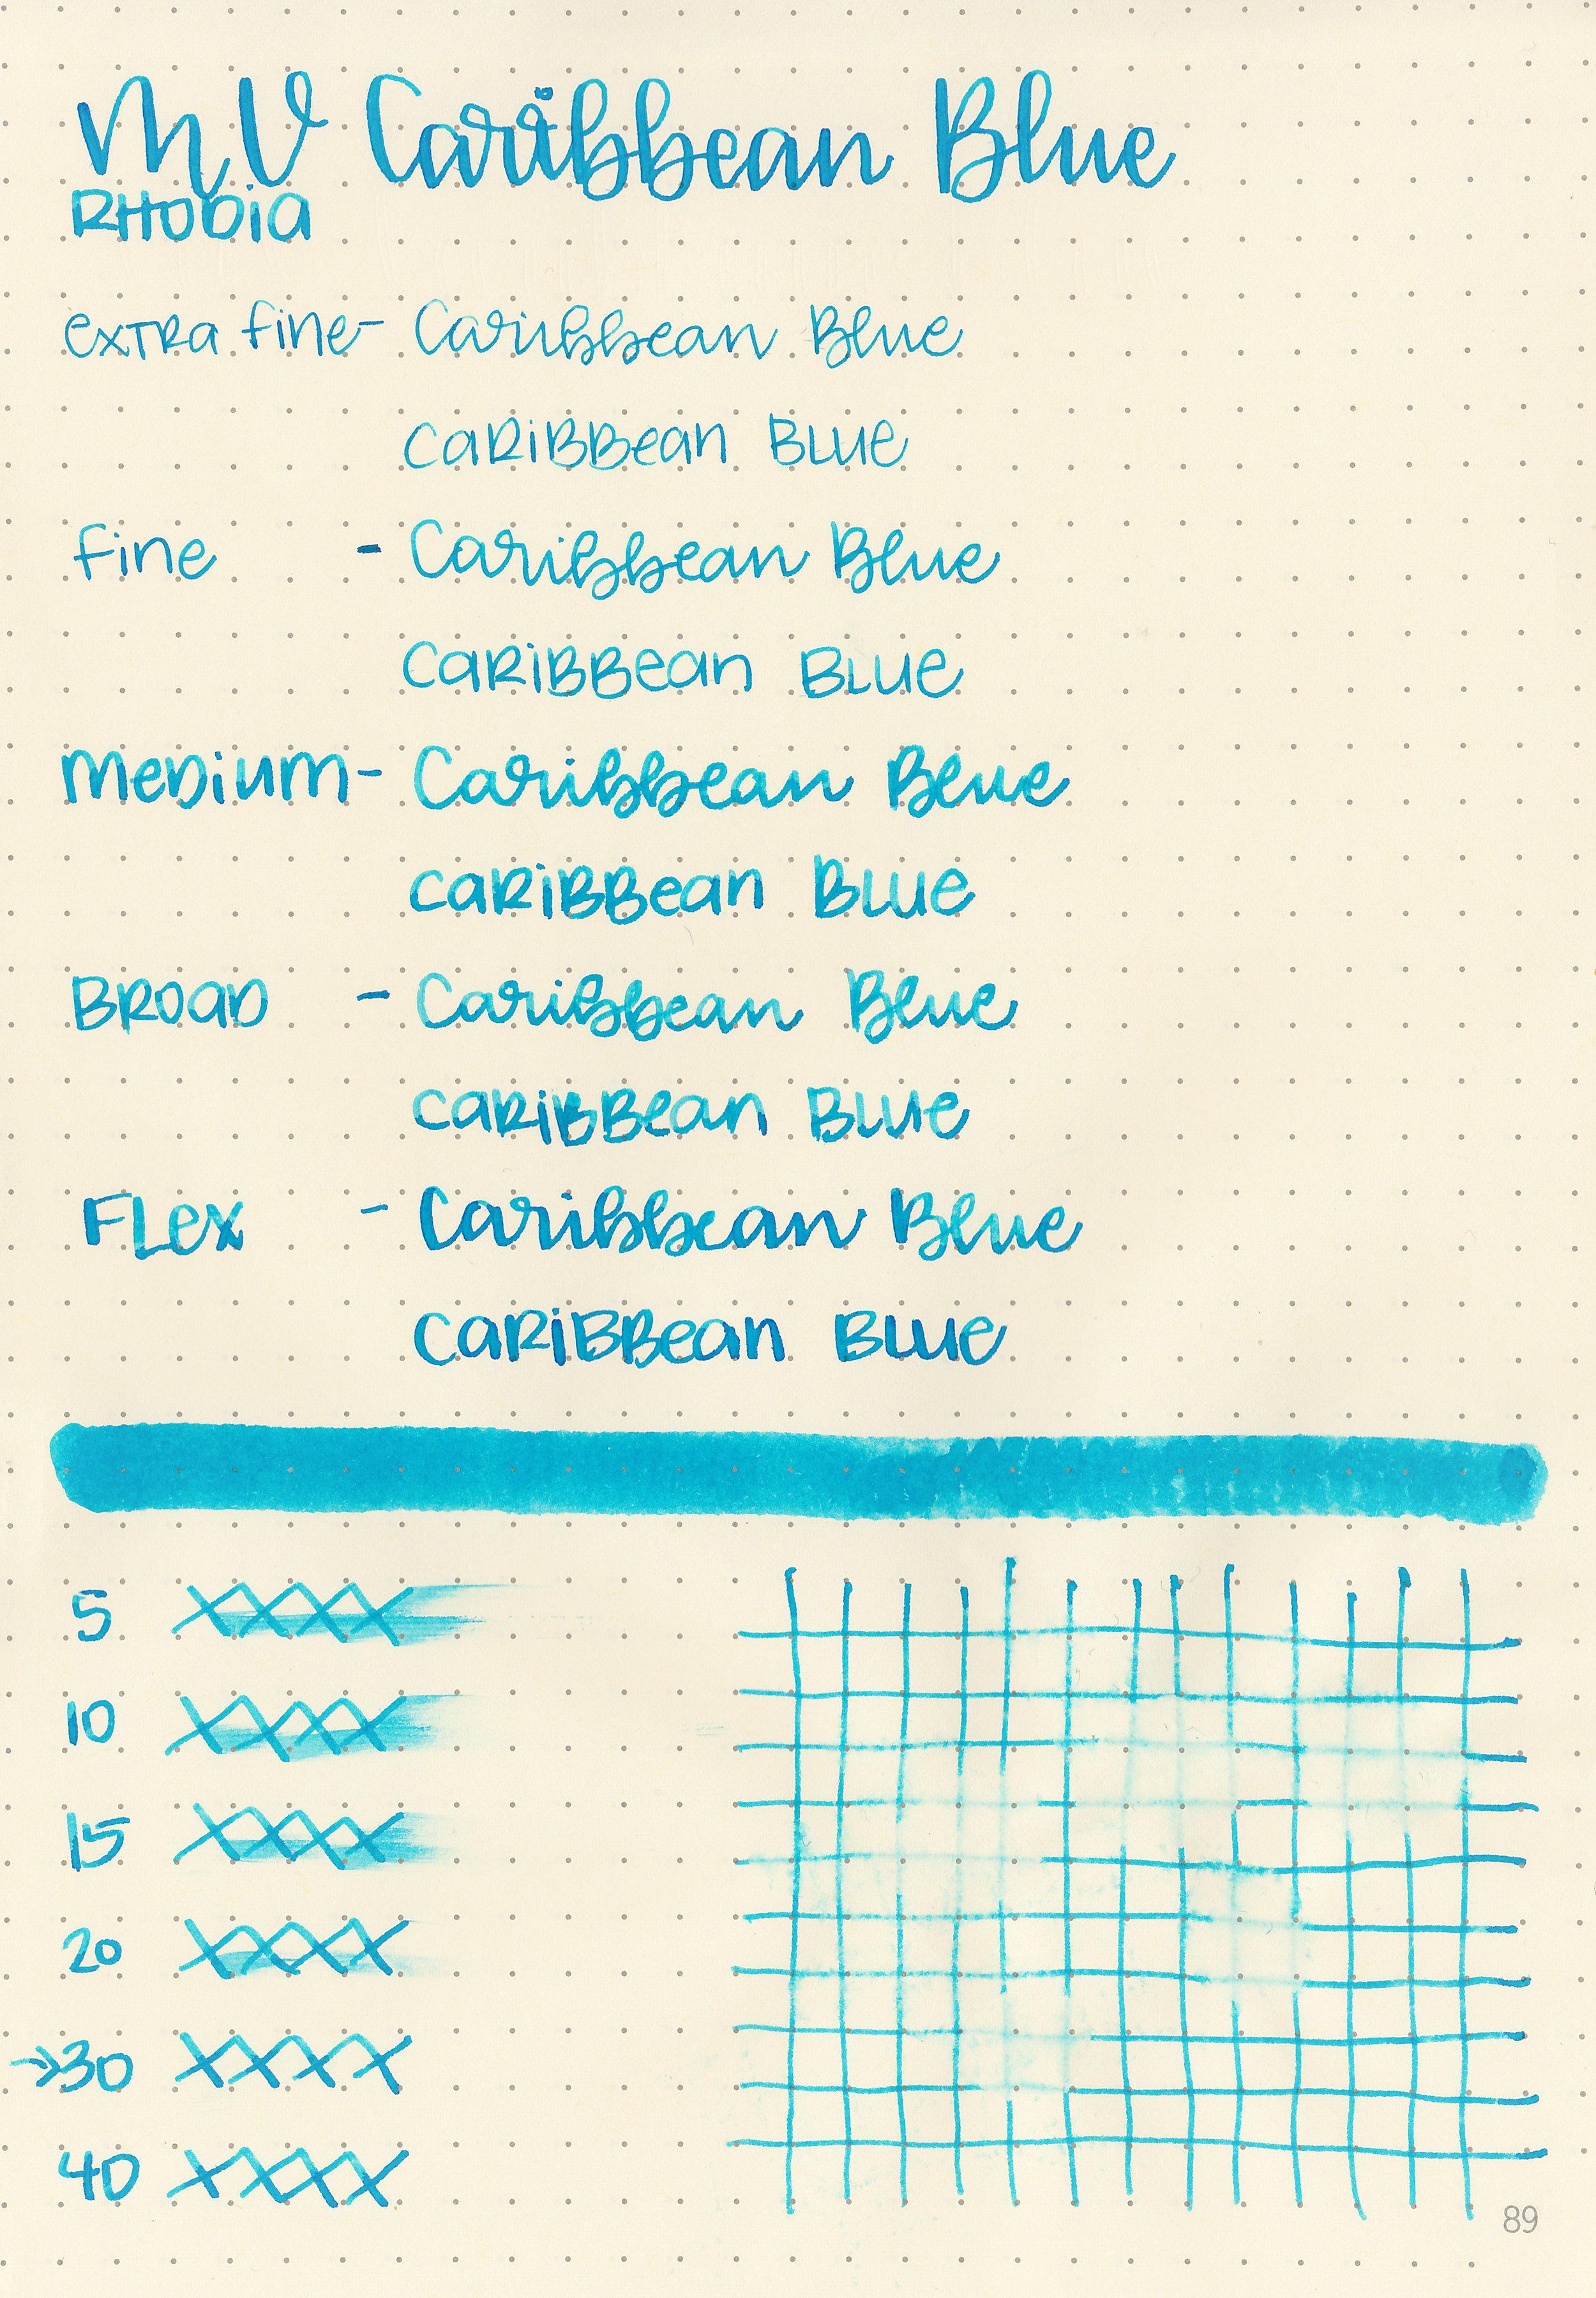 mv-caribbean-blue-5.jpg